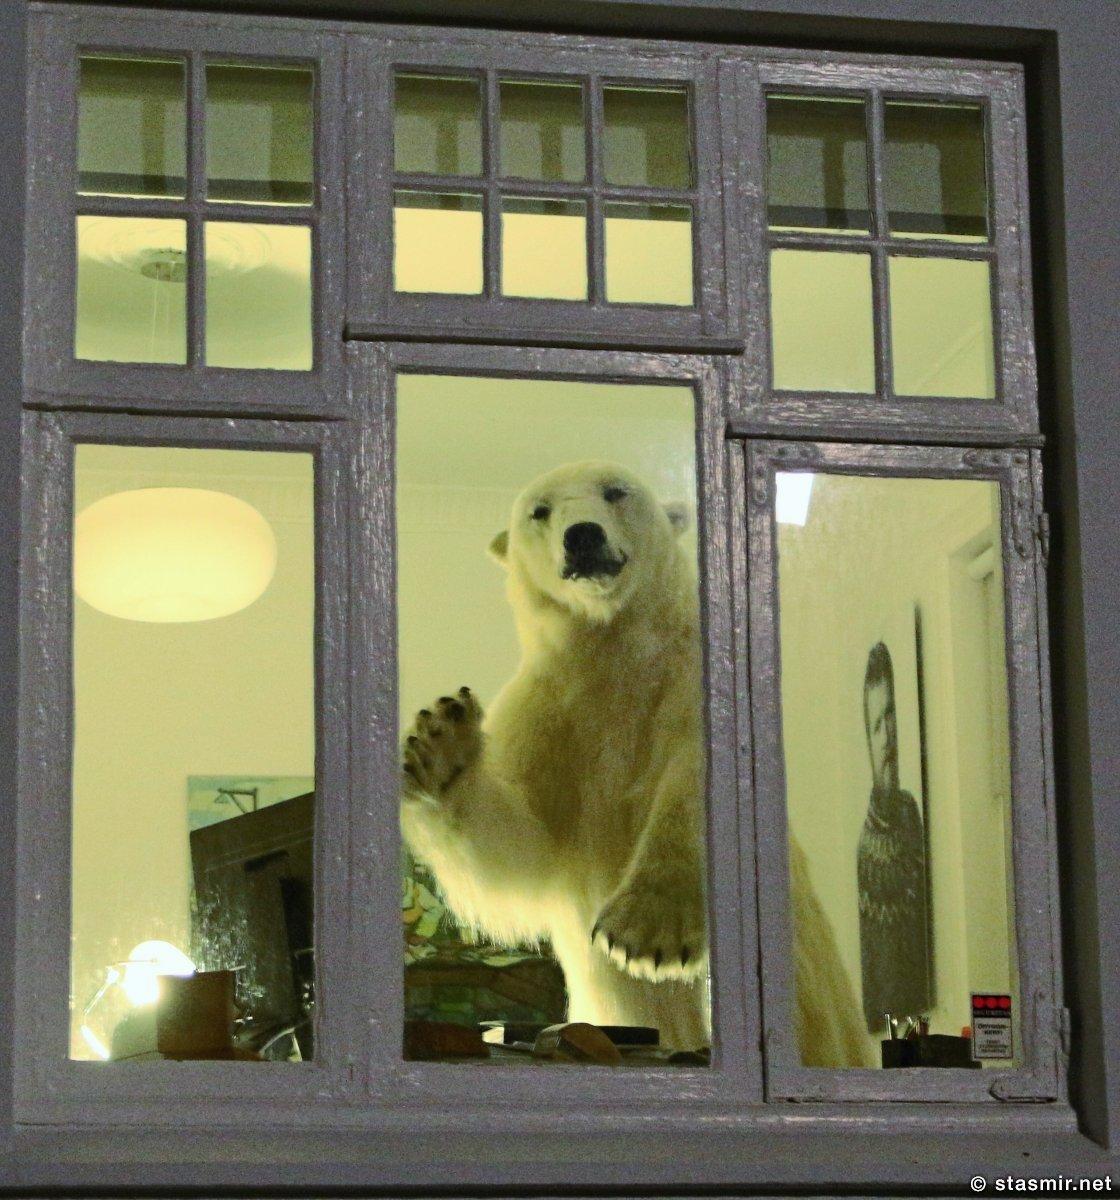 медведь в окне - Вестурбайер, фото Стасмир, Photo Stasmir